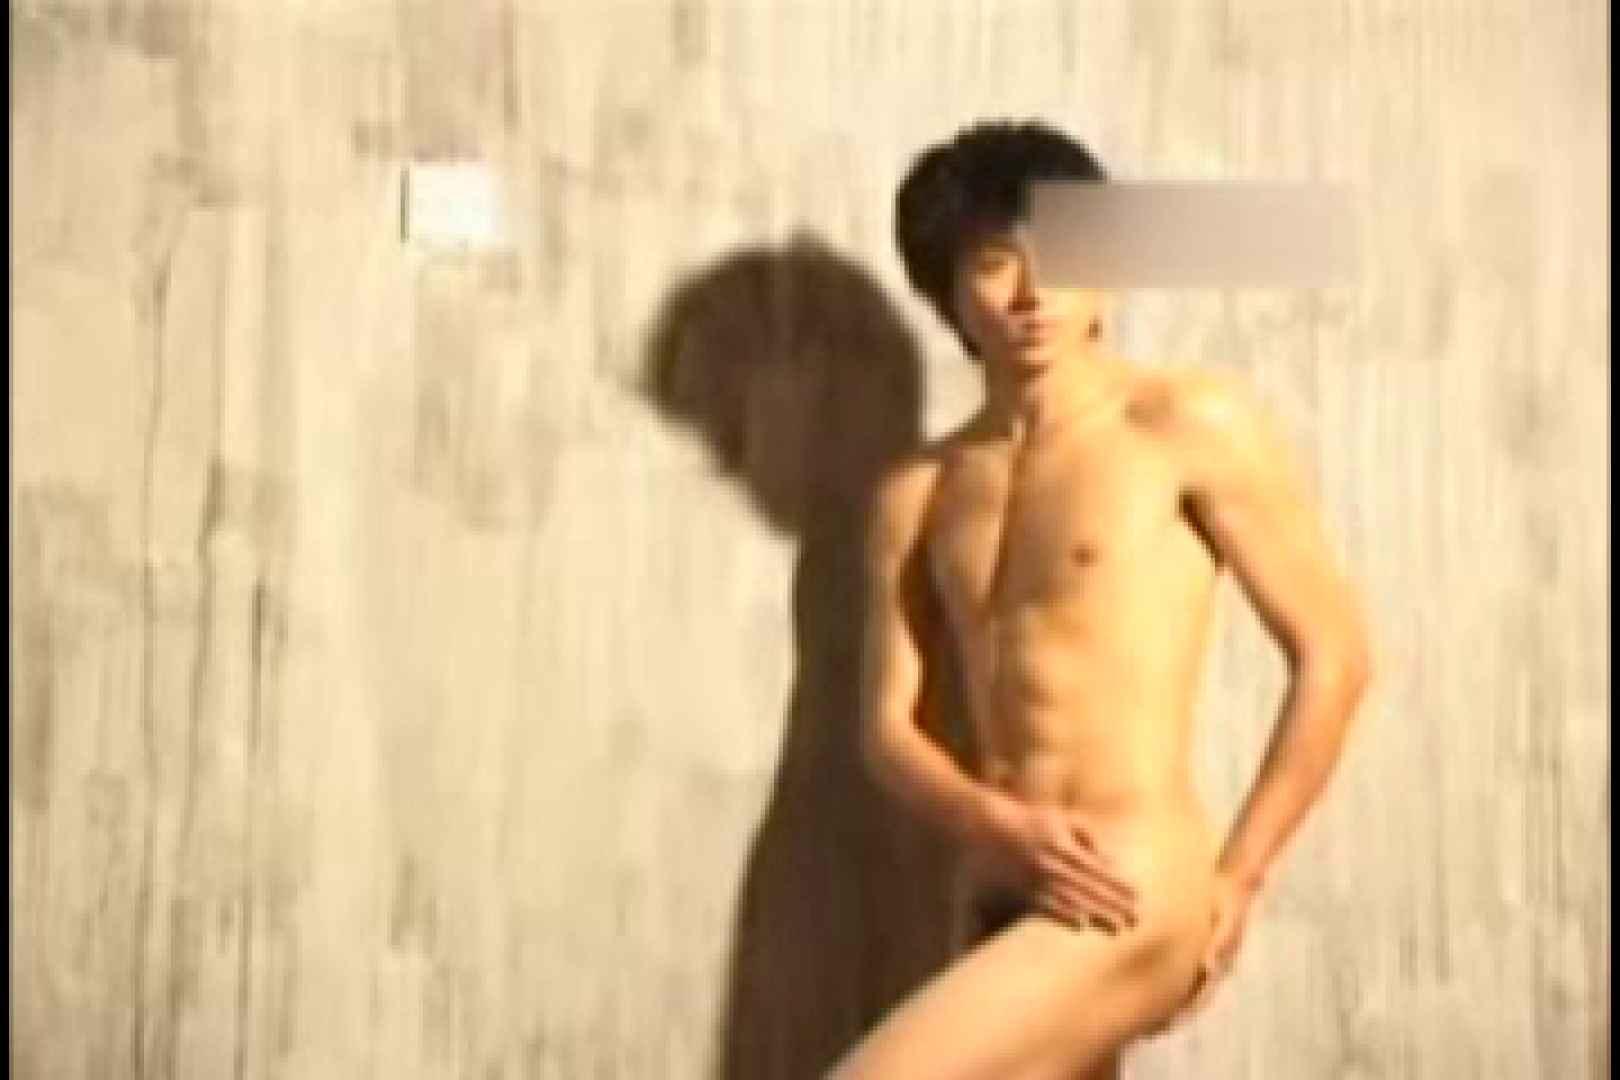 流出!!中出スーパーモデルya● jin hao キン肉 ゲイ丸見え画像 87枚 63